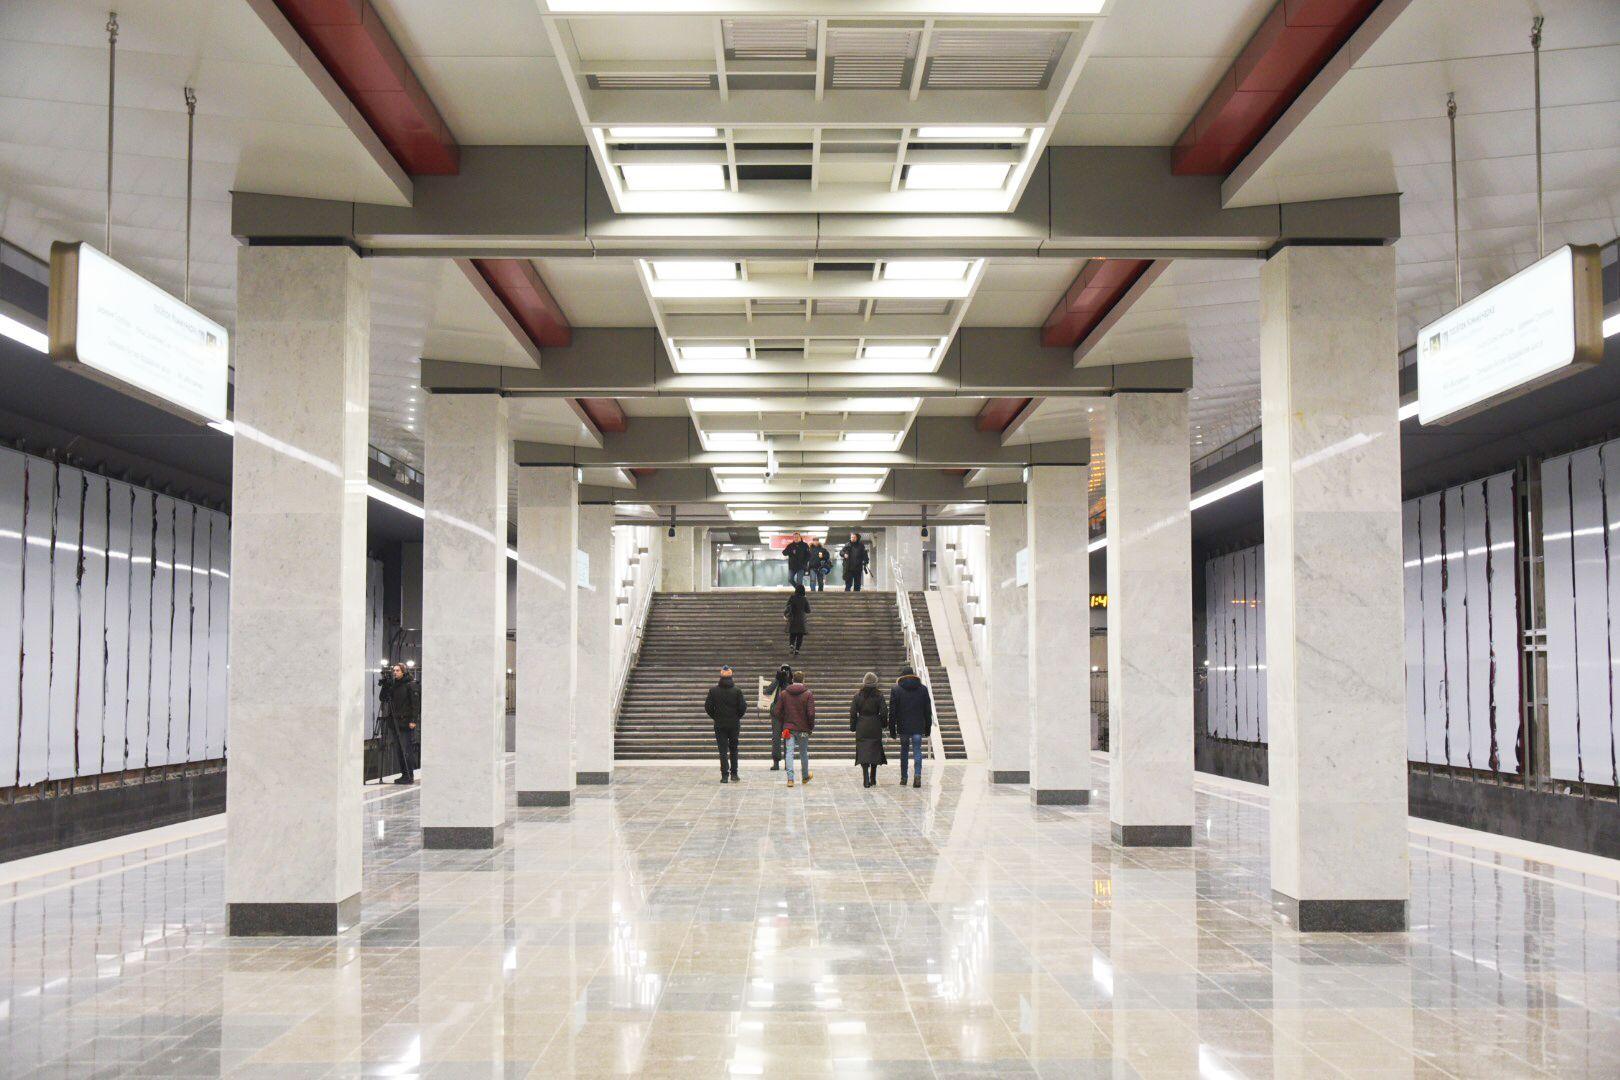 Жителям Новой Москвы станет удобнее передвигаться на метро